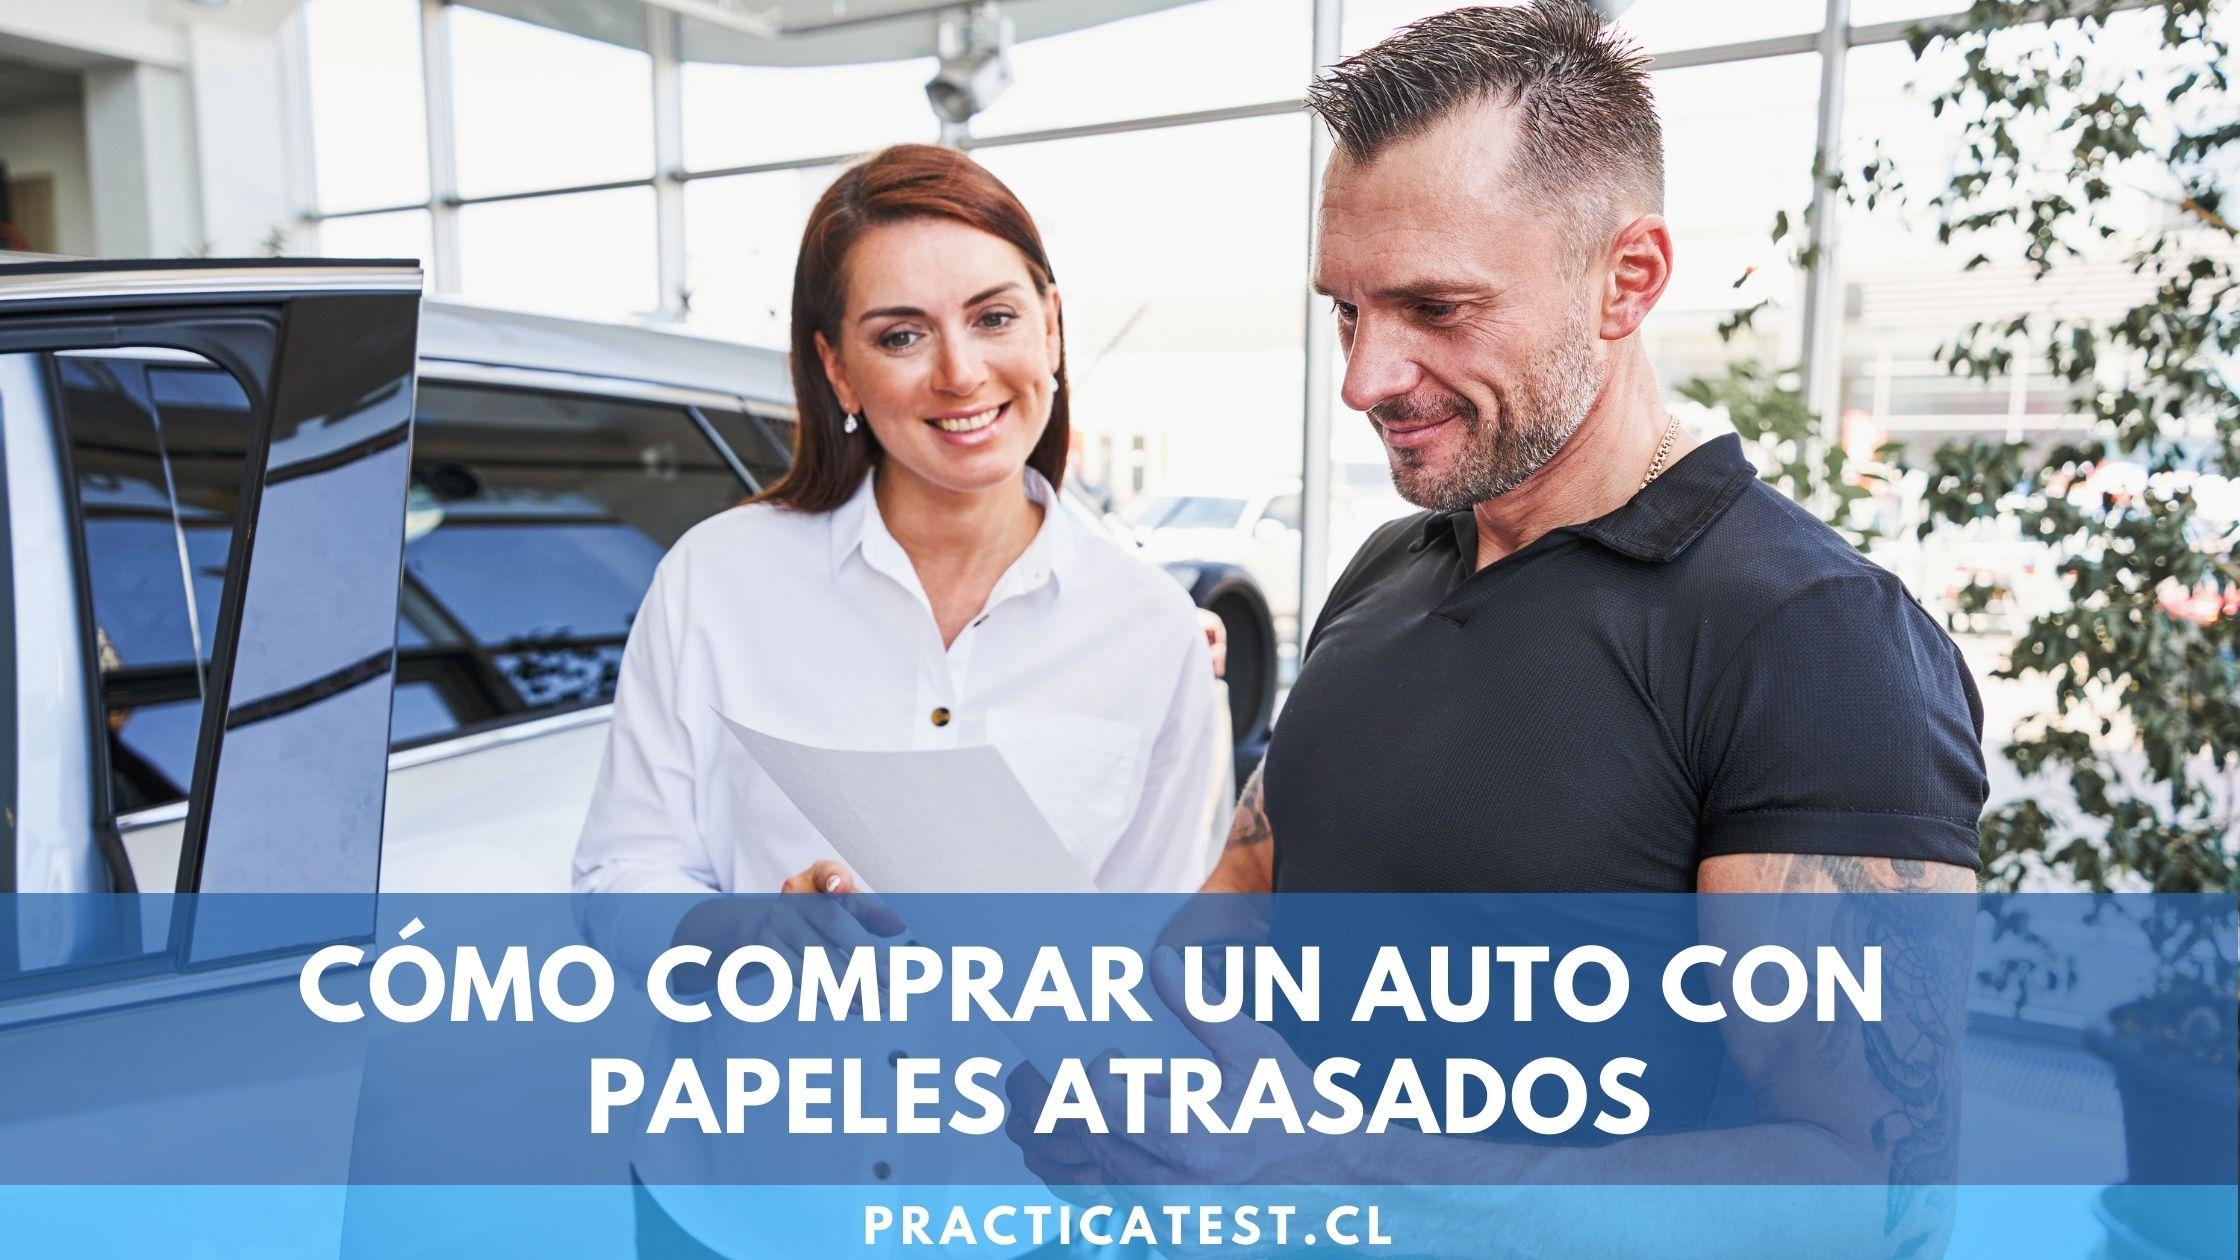 Documentos y requisitos para comprar un auto con papeles atrasados y trámite